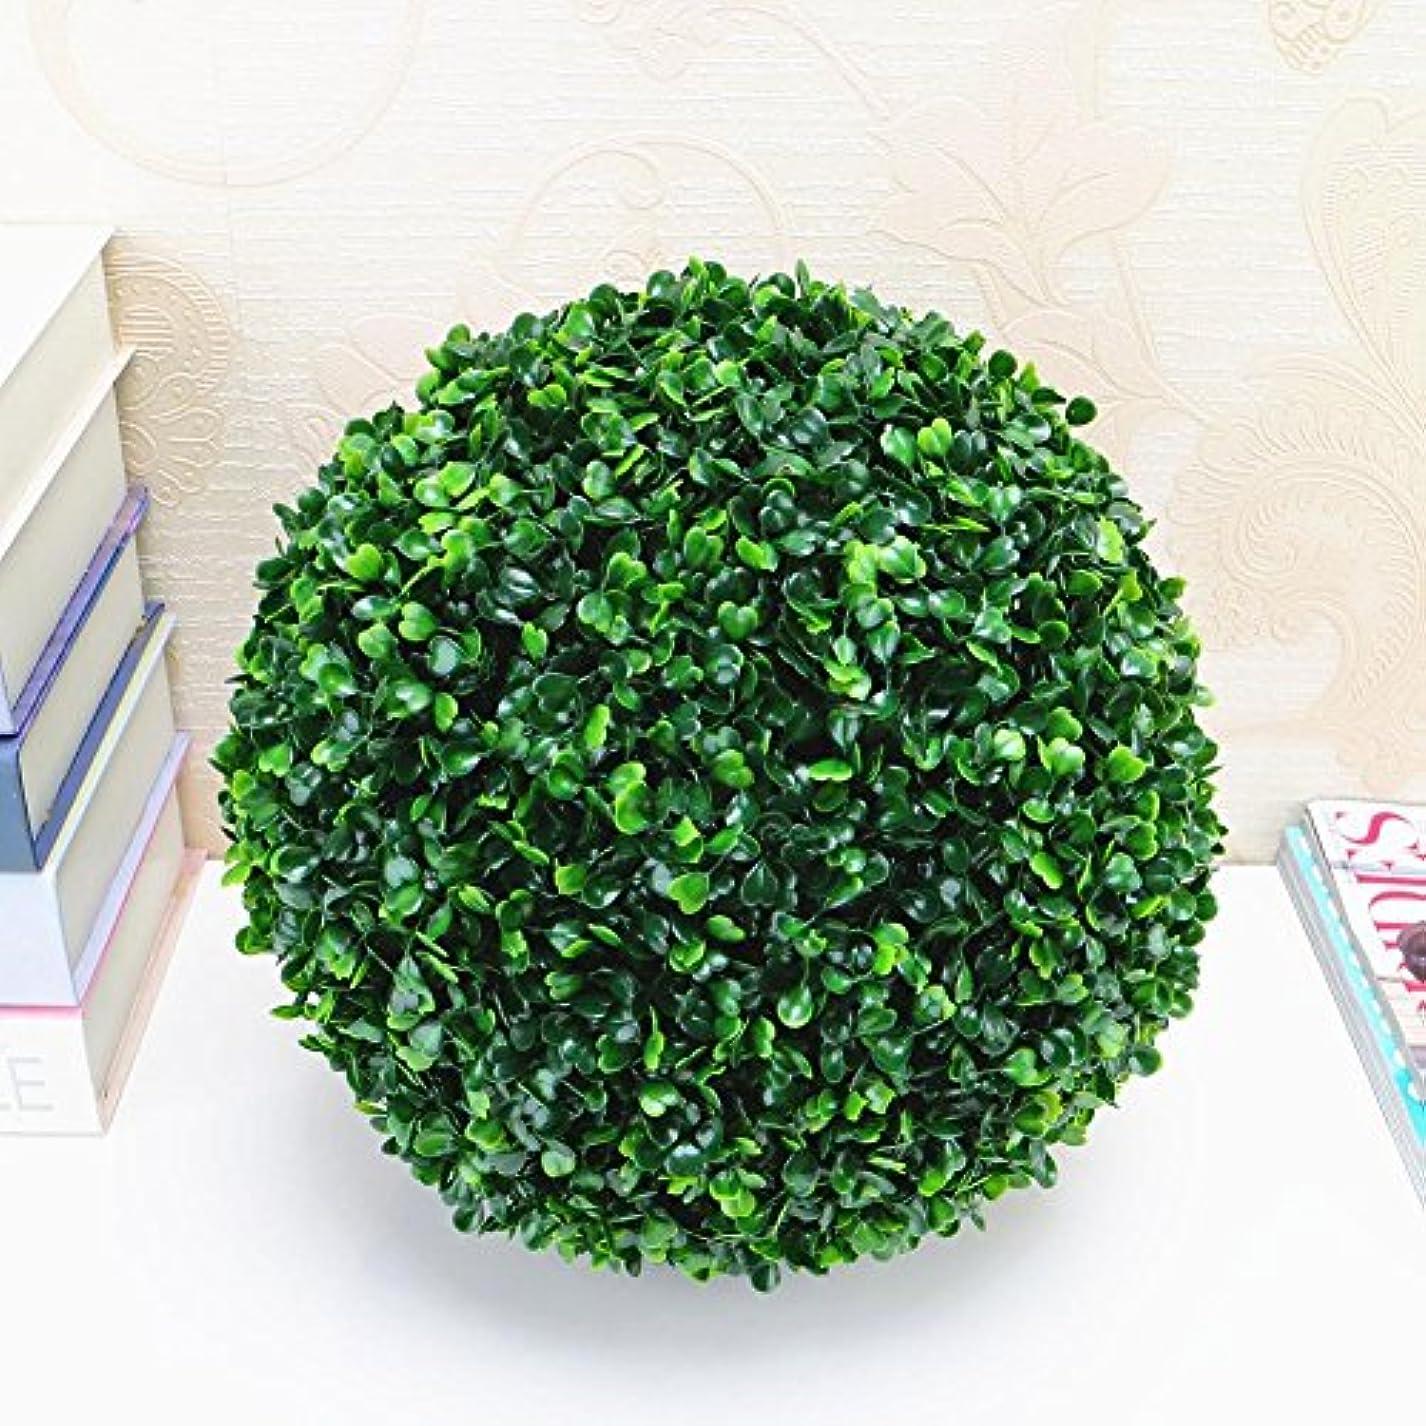 モディッシュ誘うフレアJicorzo - 1 PCのシミュレートプラスチックままボール人工芝ボールホームパーティー結婚式の装飾[20センチメートル]